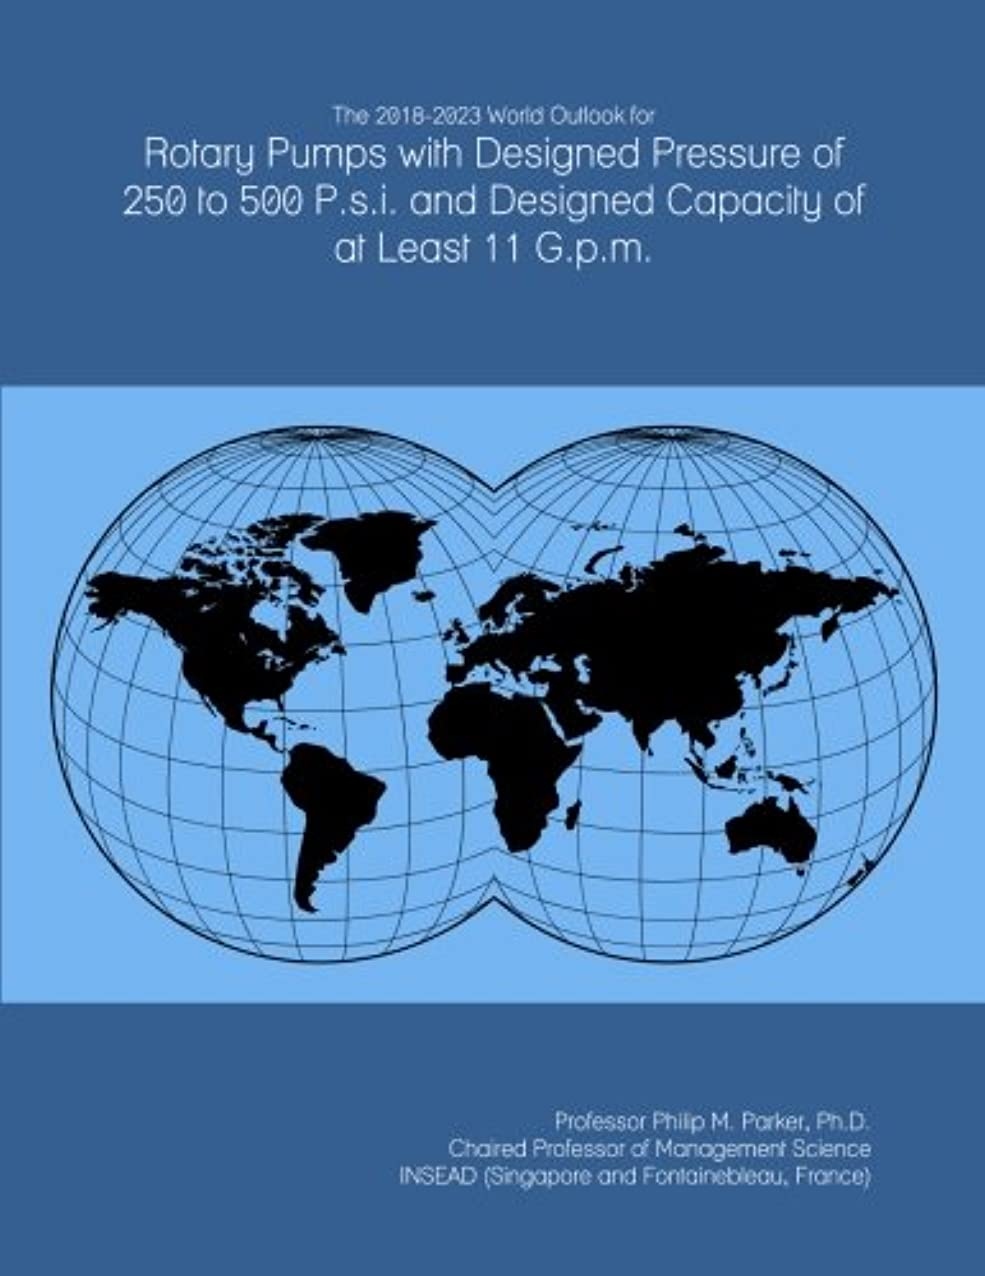 またはどちらかブラケットシェルターThe 2018-2023 World Outlook for Rotary Pumps with Designed Pressure of 250 to 500 P.s.i. and Designed Capacity of at Least 11 G.p.m.